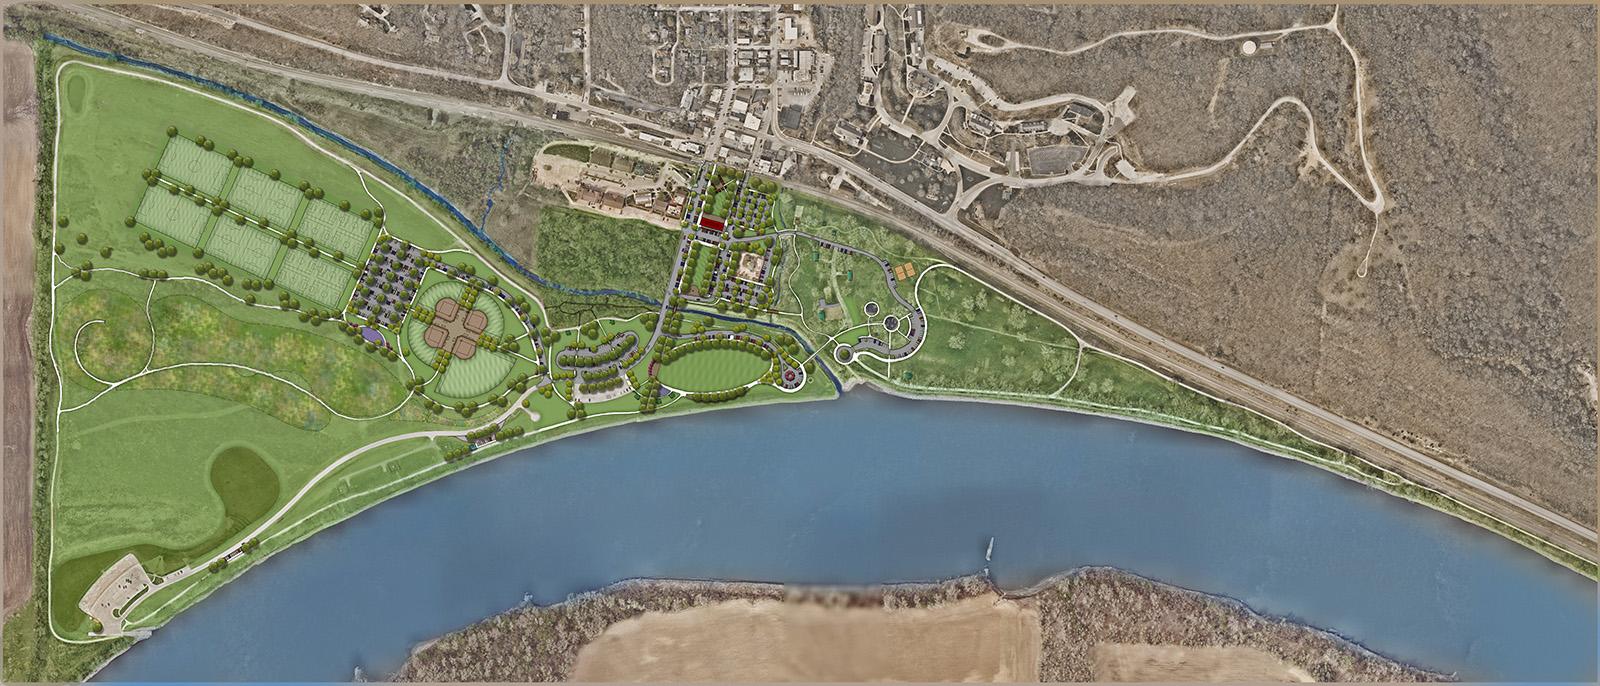 Riverfront Park_final concept_2016-09-30.jpg